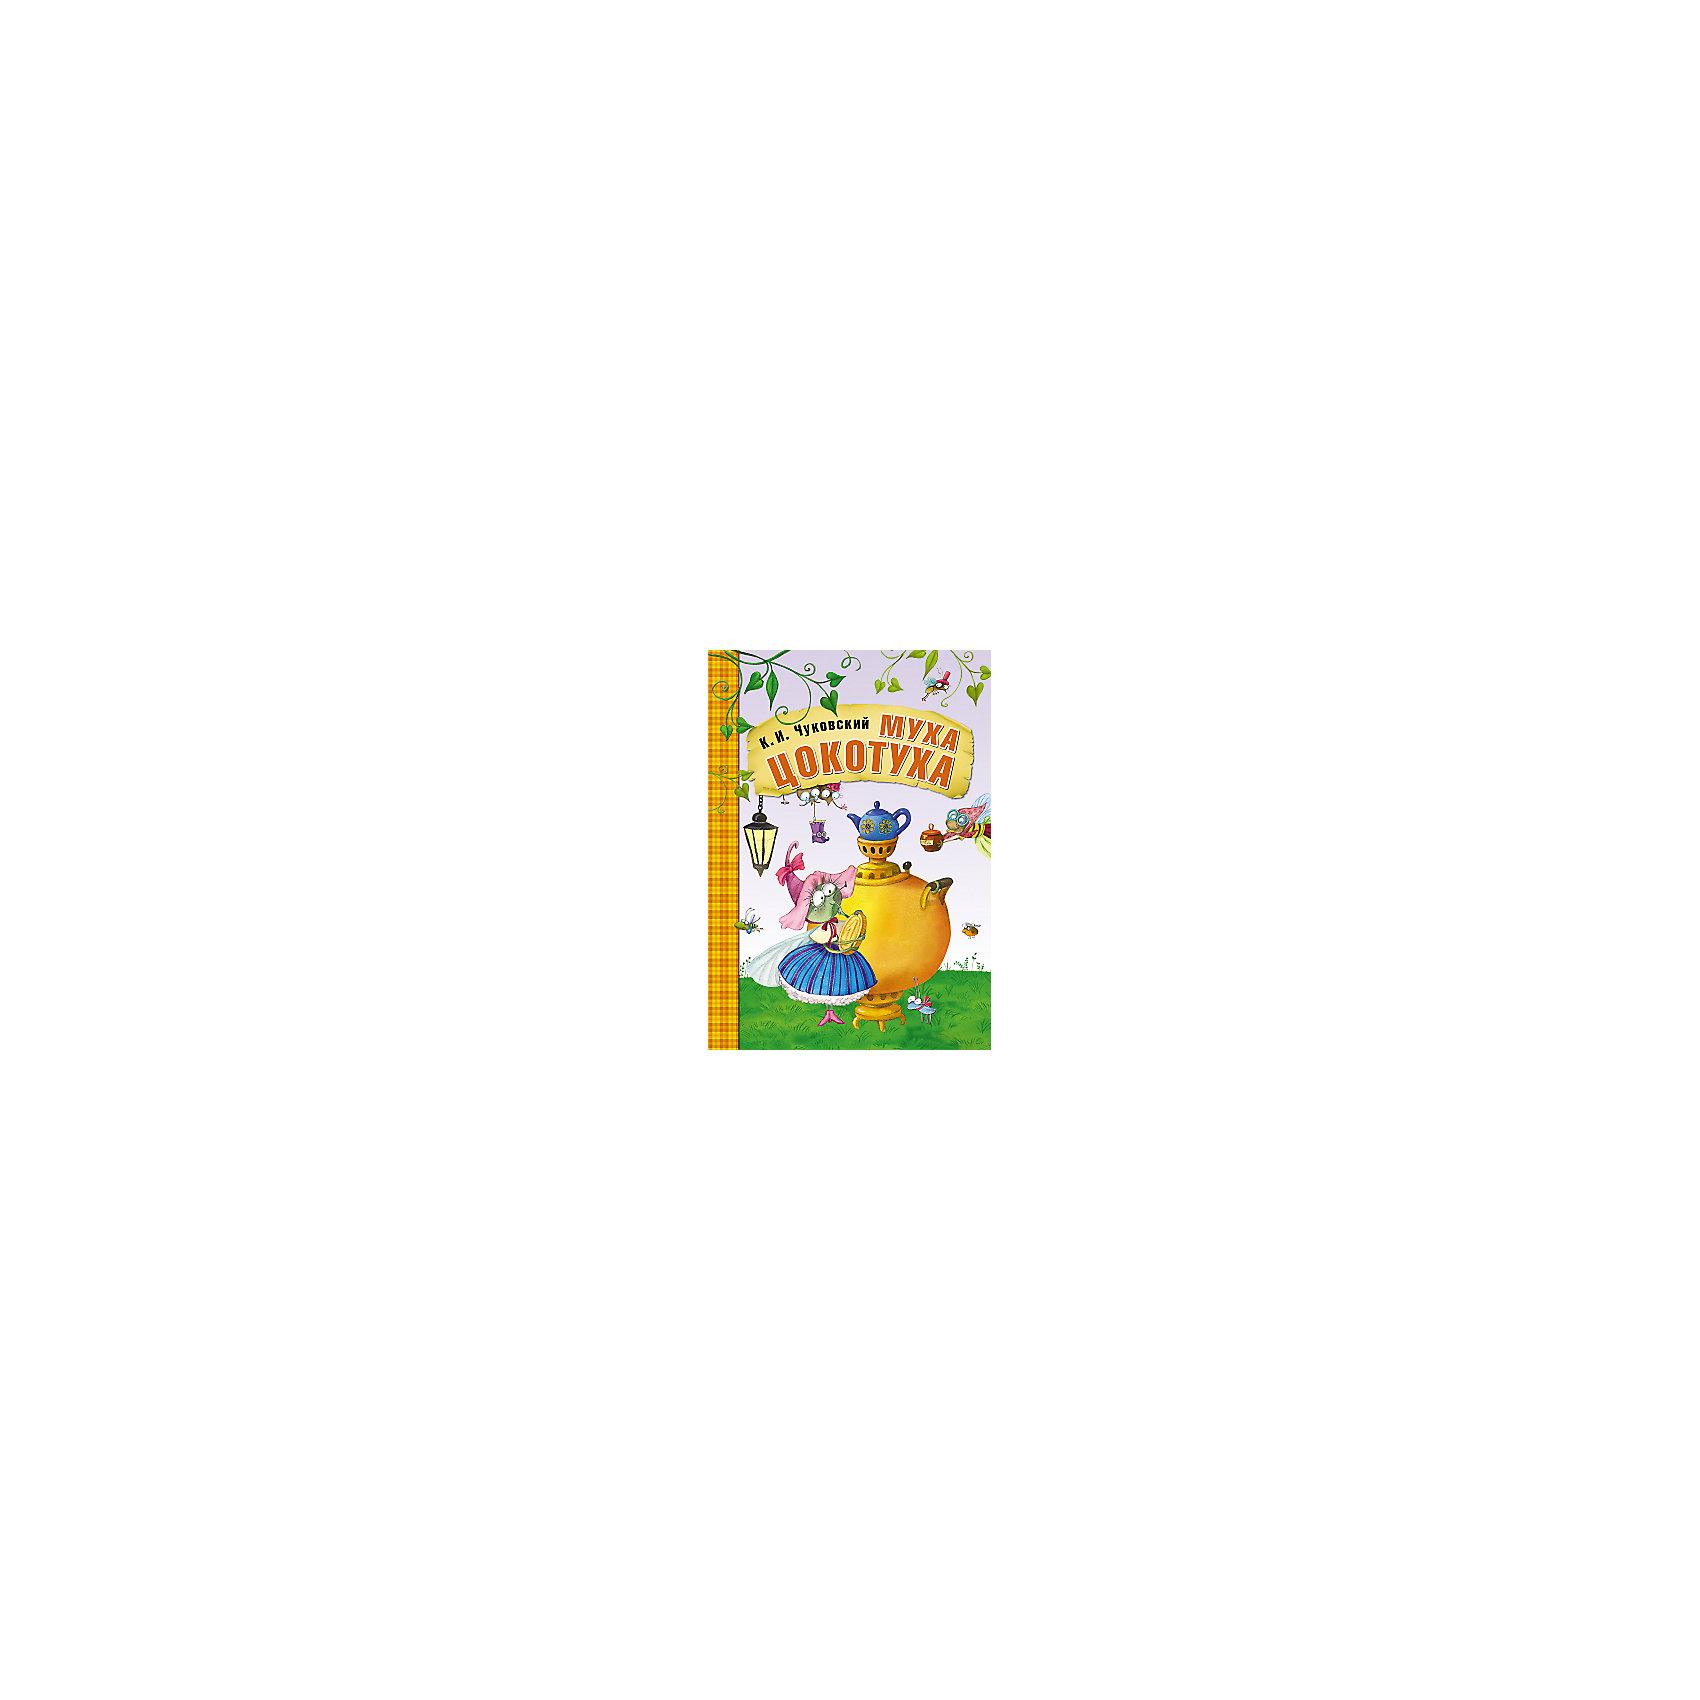 Муха-Цокотуха, К.И. ЧуковскийРусские сказки<br>Сказки К.И. Чуковского Муха-Цокотуха, в мягкой обложке.<br><br>Характеристики:<br><br>• Для детей в возрасте: от 1,5 до 7 лет<br>• Автор: Корней Иванович Чуковский<br>• Художник: Любовь Еремина<br>• Издательство: Мозаика-Синтез<br>• Серия: Любимые сказки К. И. Чуковского. Книги в мягкой обложке<br>• Тип обложки: мягкая обложка<br>• Иллюстрации: цветные<br>• Количество страниц: 16 (мелованная)<br>• Размер: 295х290х2 мм.<br>• Вес: 101 гр.<br>• ISBN: 9785431507045<br><br>Эта замечательная книга обязательно станет любимой книгой вашего малыша! Сказка Корнея Ивановича Чуковского «Муха-Цокотуха» знакома всем с детства. Ритмичные стихотворные строчки понятны детям и просты для запоминания. Красочные иллюстрации Л. Ереминой дополняют произведение и приглашают маленьких читателей в страну сказки. Книгу в мягкой обложке легко взять с собой в гости, в поездку, на дачу или в детский сад - любимая сказка будет сопровождать вашего малыша повсюду!<br><br>Книгу в мягкой обложке Сказки К.И. Чуковского Муха-Цокотуха можно купить в нашем интернет-магазине.<br><br>Ширина мм: 200<br>Глубина мм: 205<br>Высота мм: 290<br>Вес г: 101<br>Возраст от месяцев: 12<br>Возраст до месяцев: 84<br>Пол: Унисекс<br>Возраст: Детский<br>SKU: 5523231